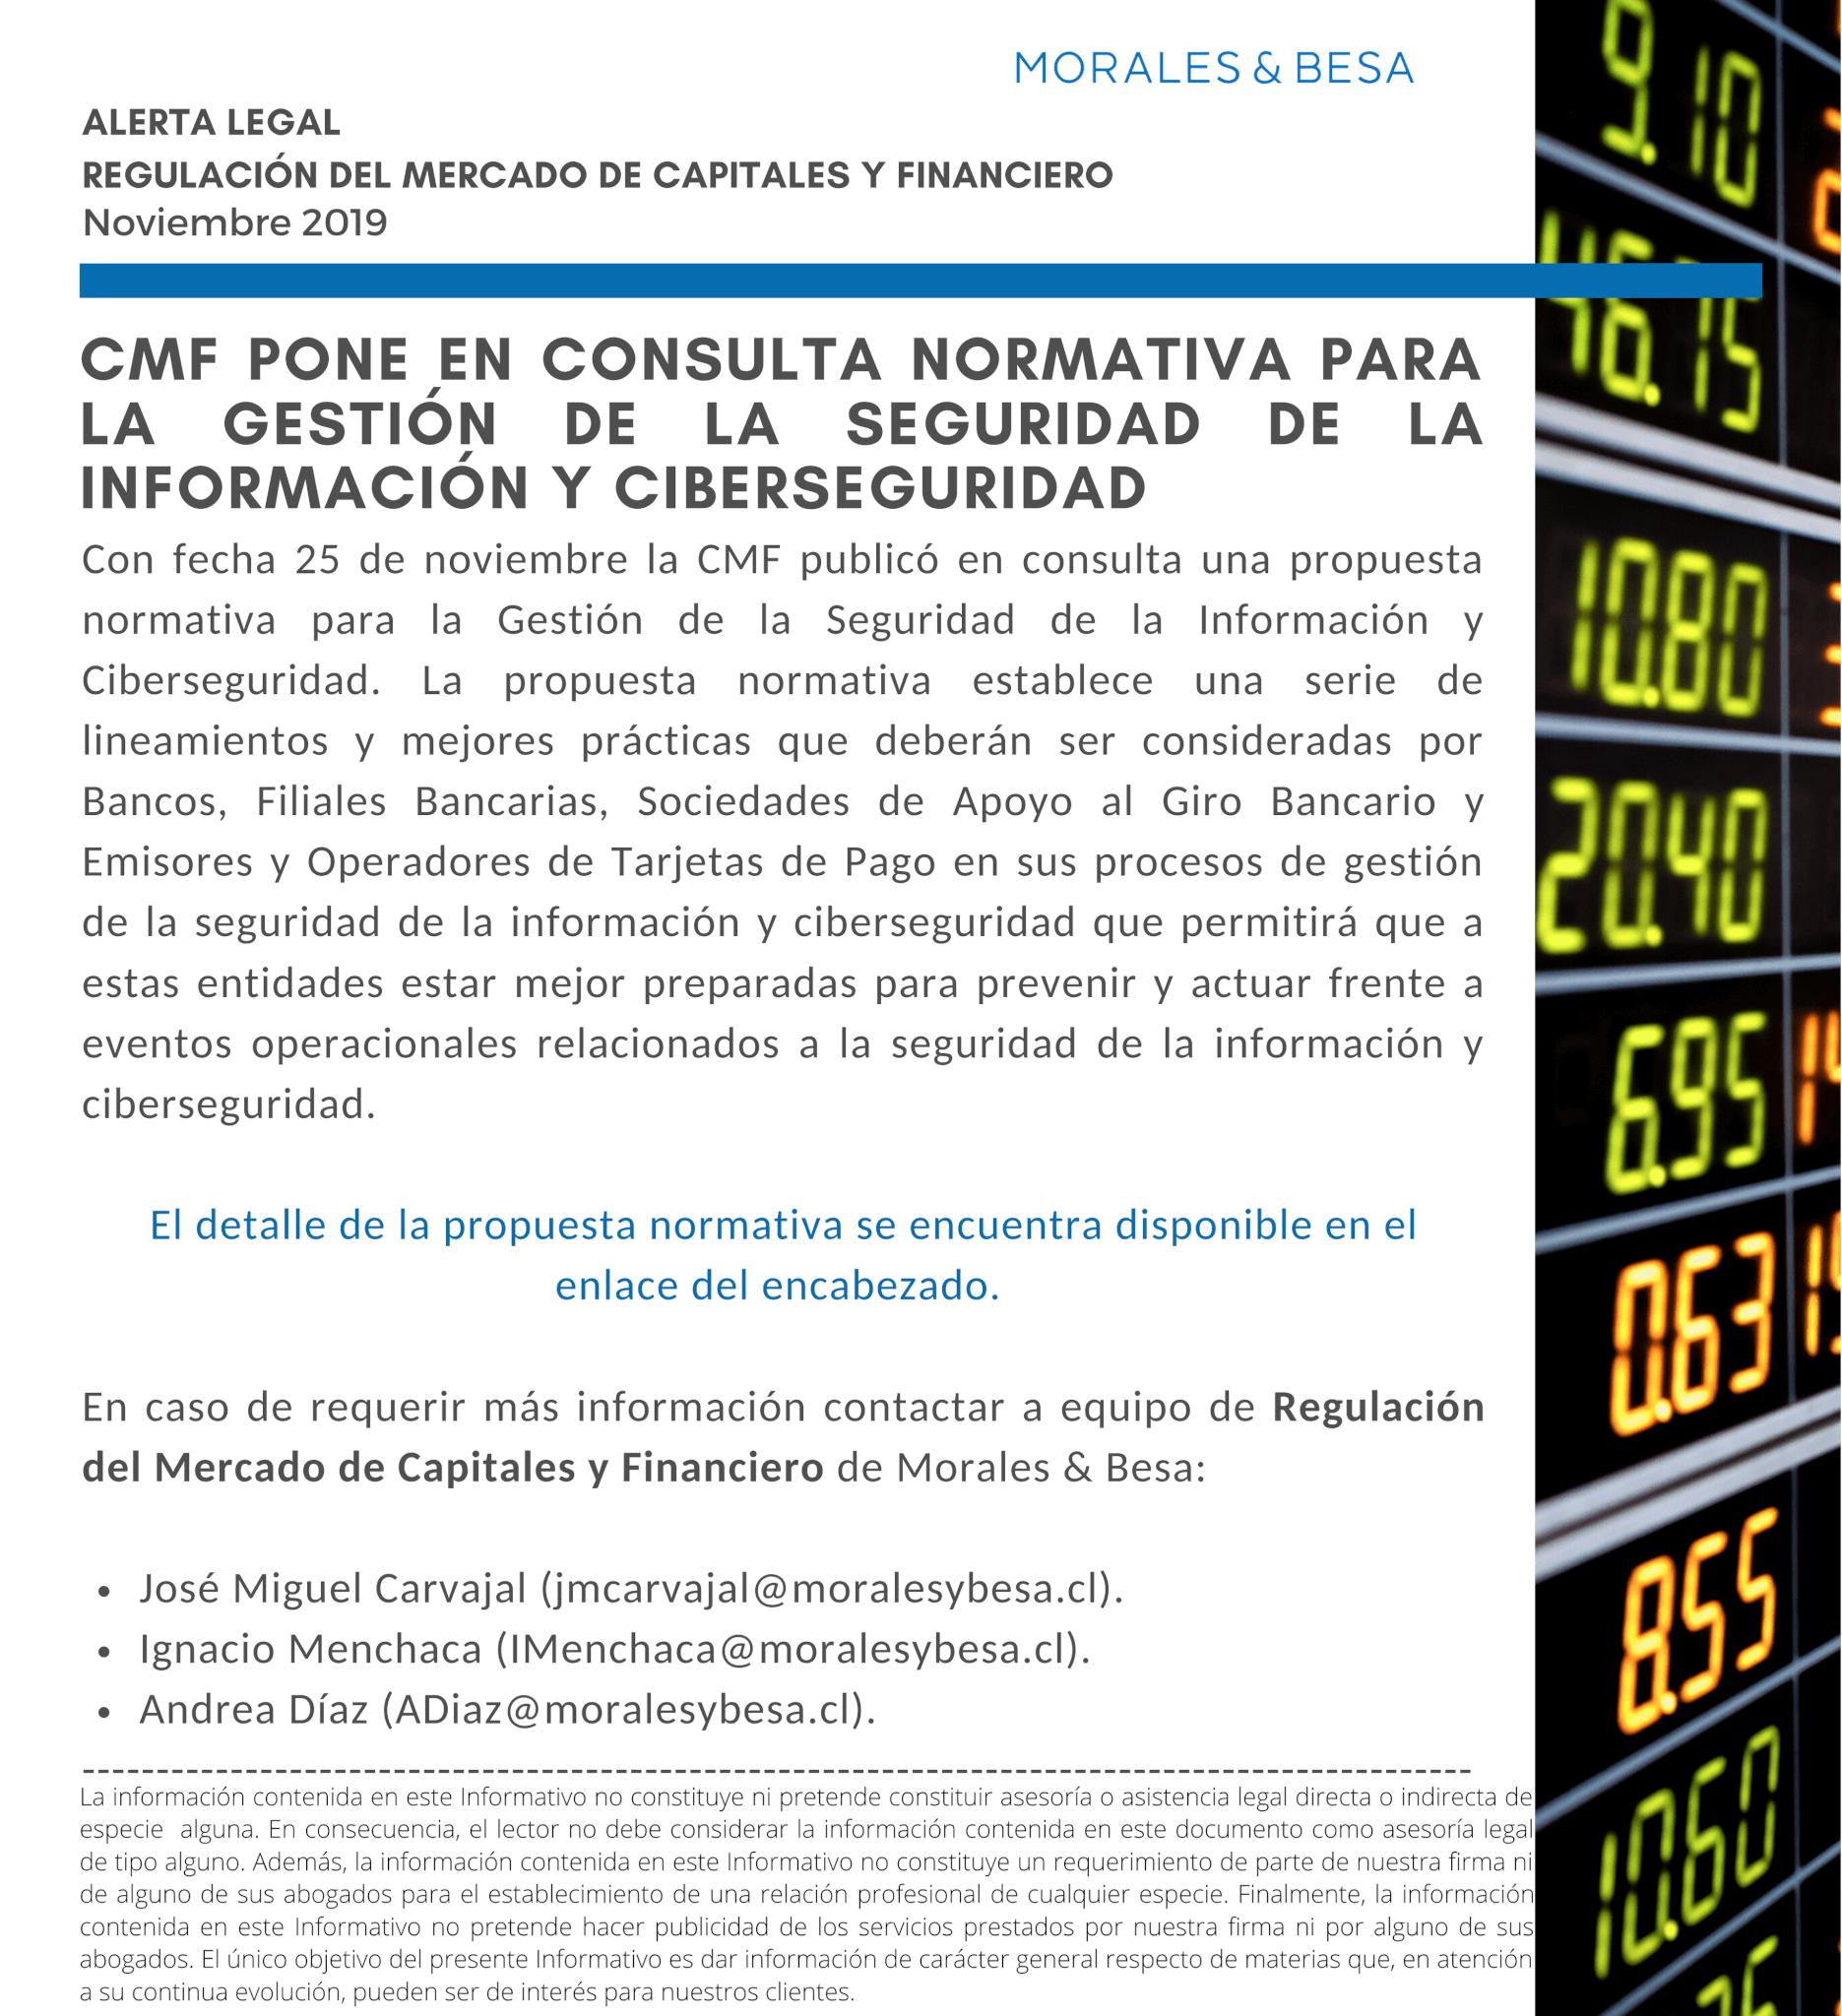 Alerta Legal M&B - R. del Mercado de Capitales y Financiero - Nov. 2019